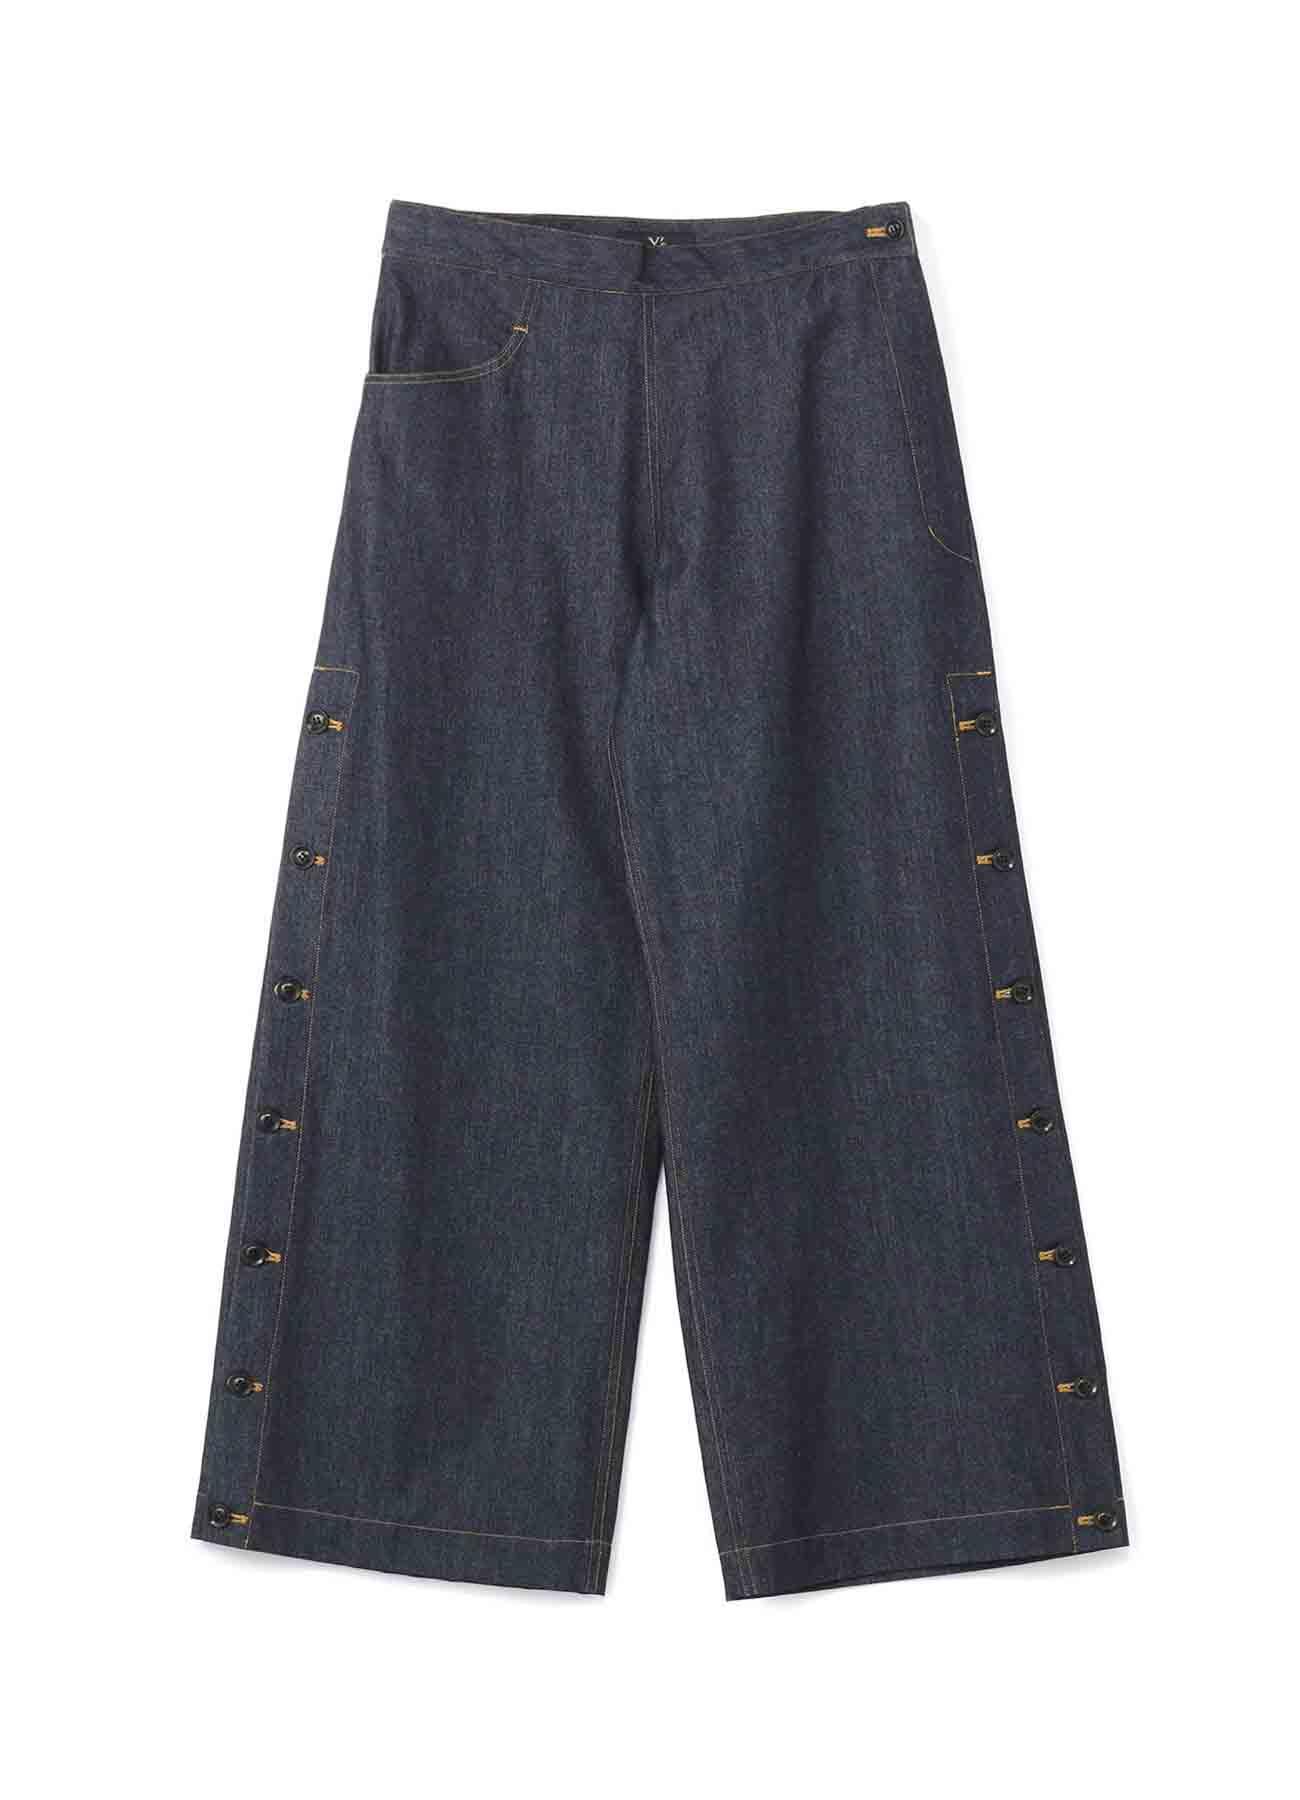 10盎司牛仔侧扣宽裤